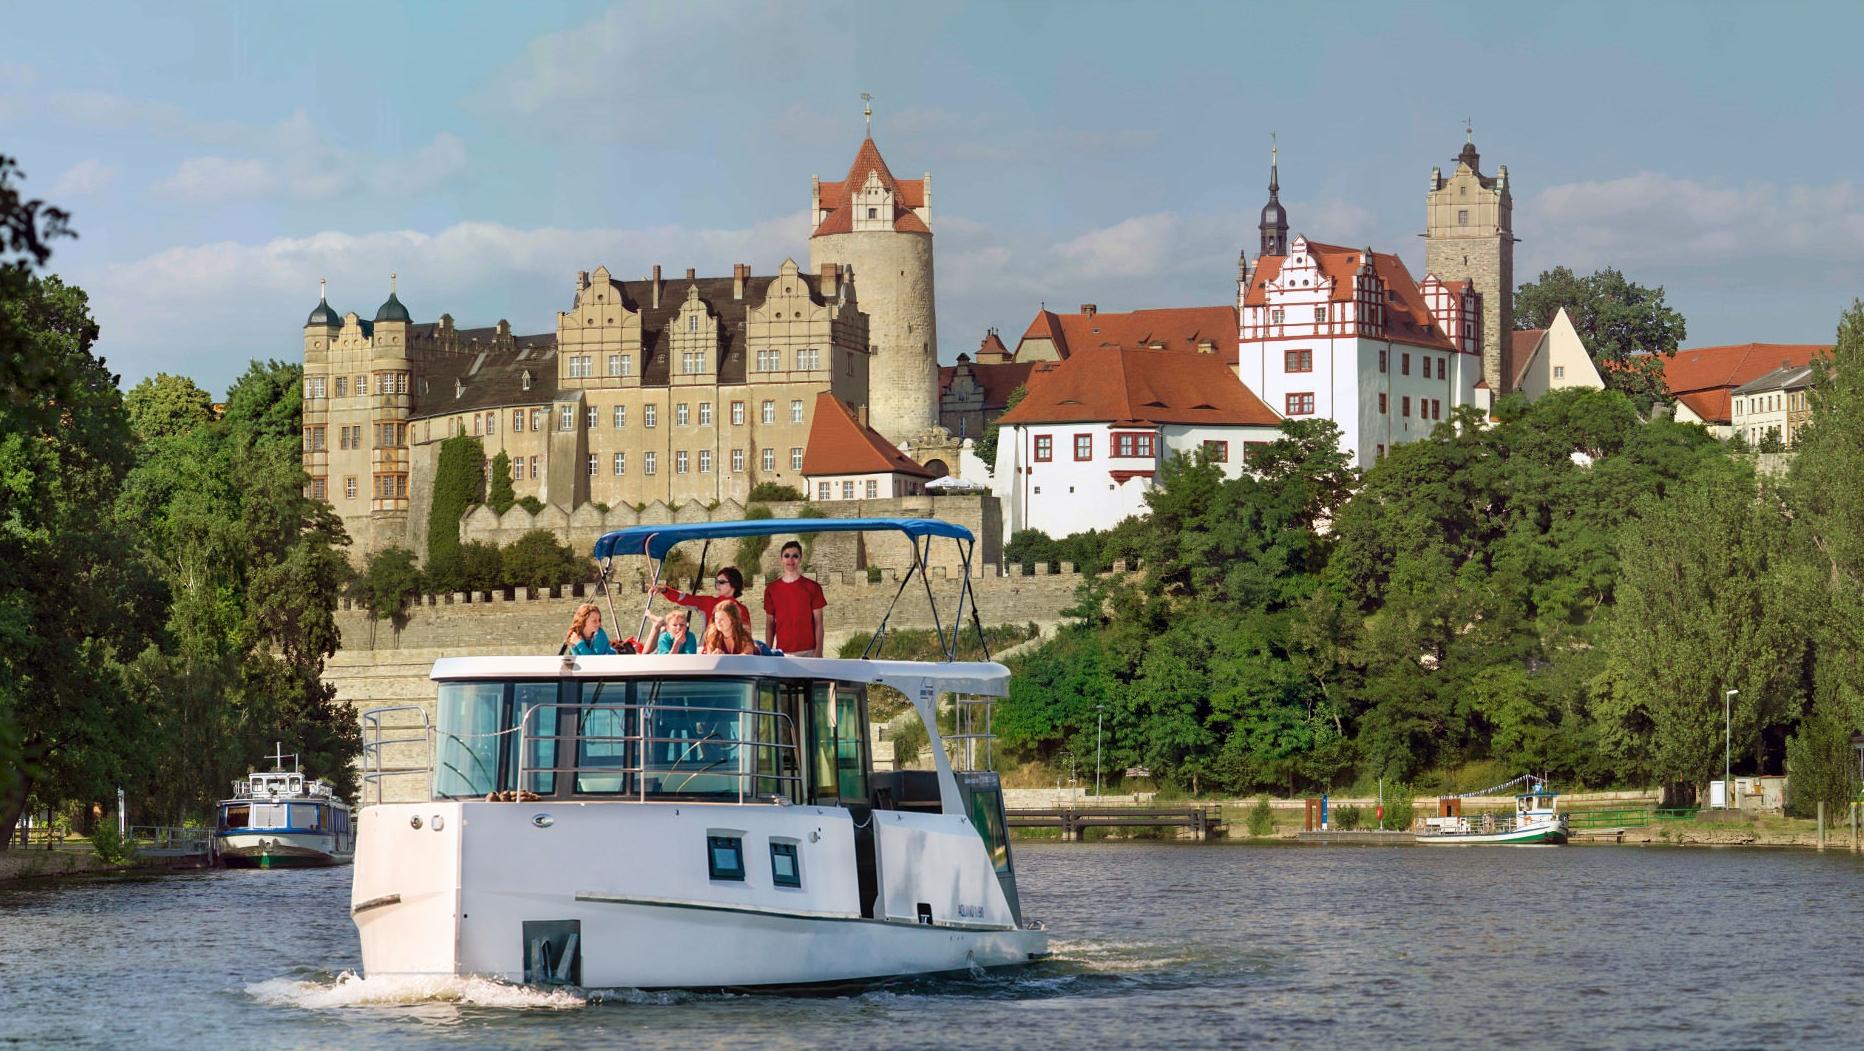 Vereinbarung geschlossen, Urlaub im Hausboot auf der Saale bald möglich